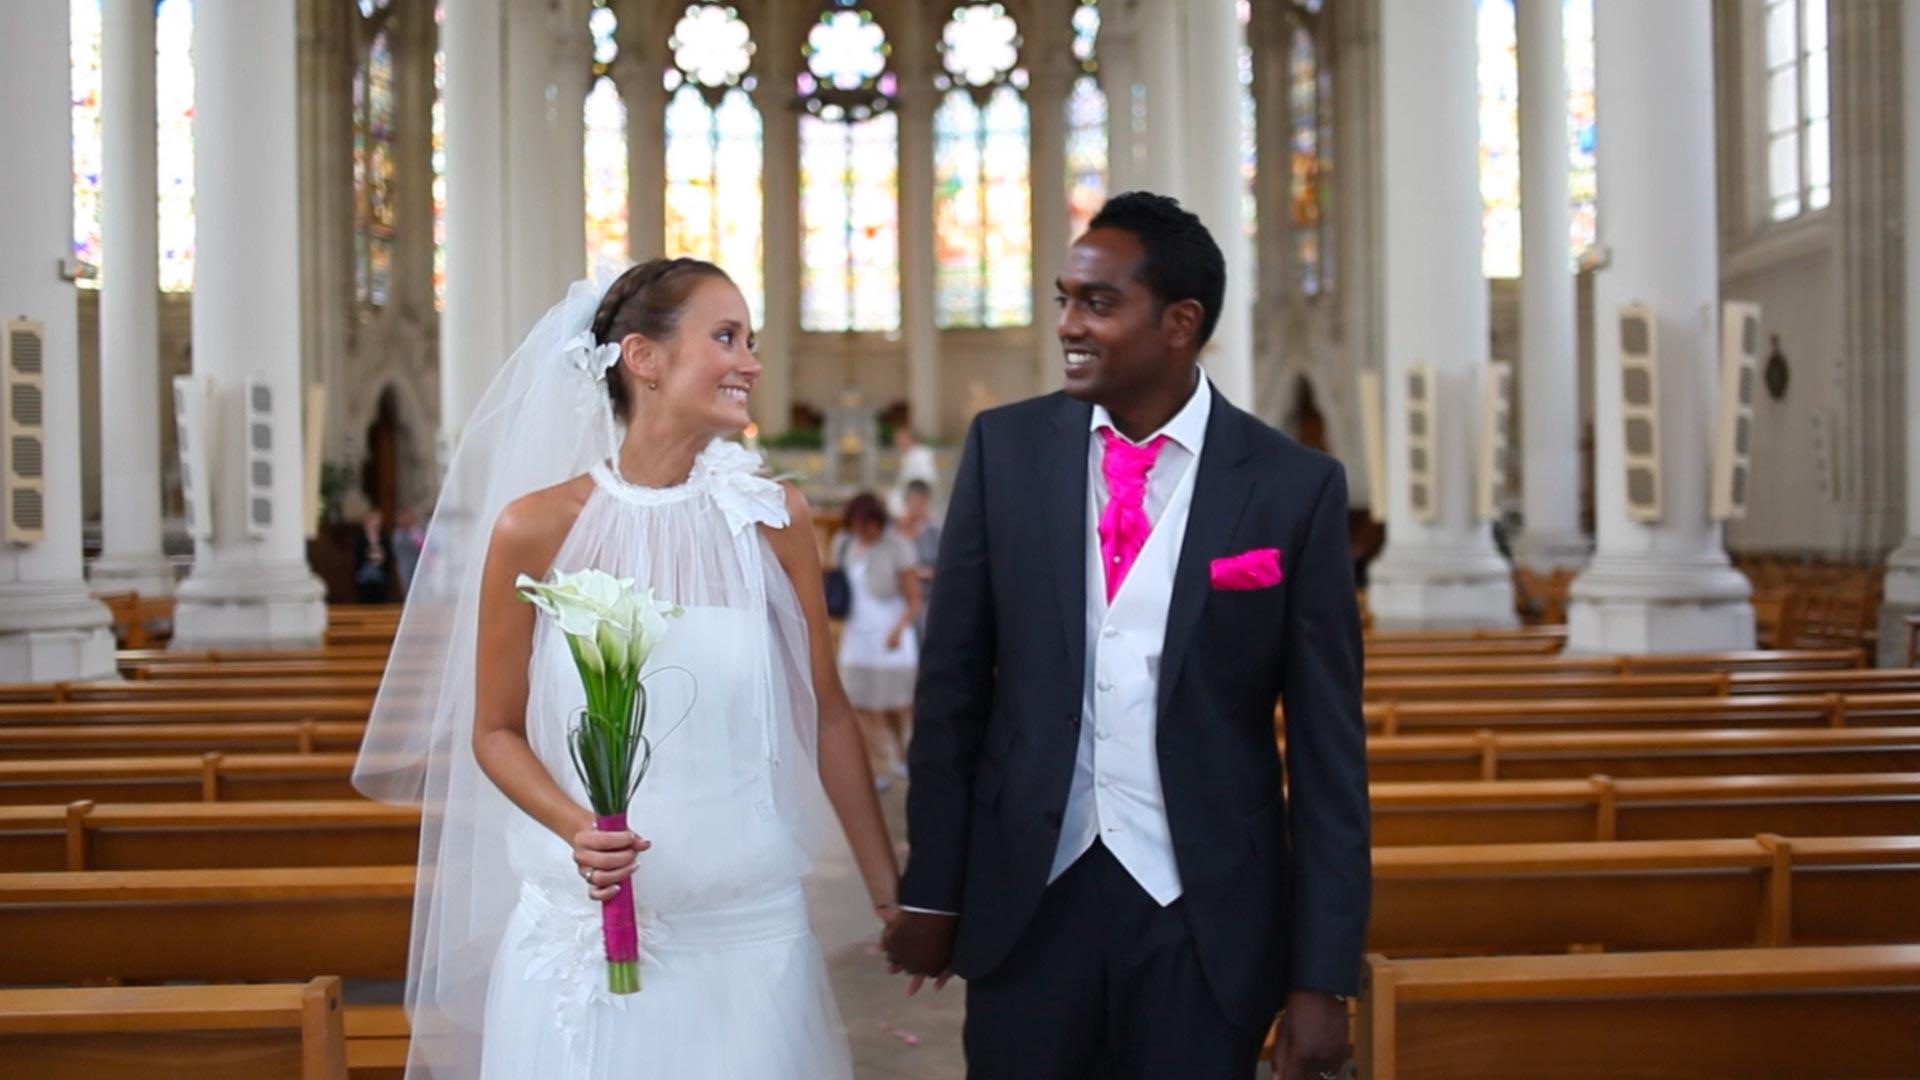 Vidéo de mariage mixte, français et hindou | Un Mariage, Une Histoire